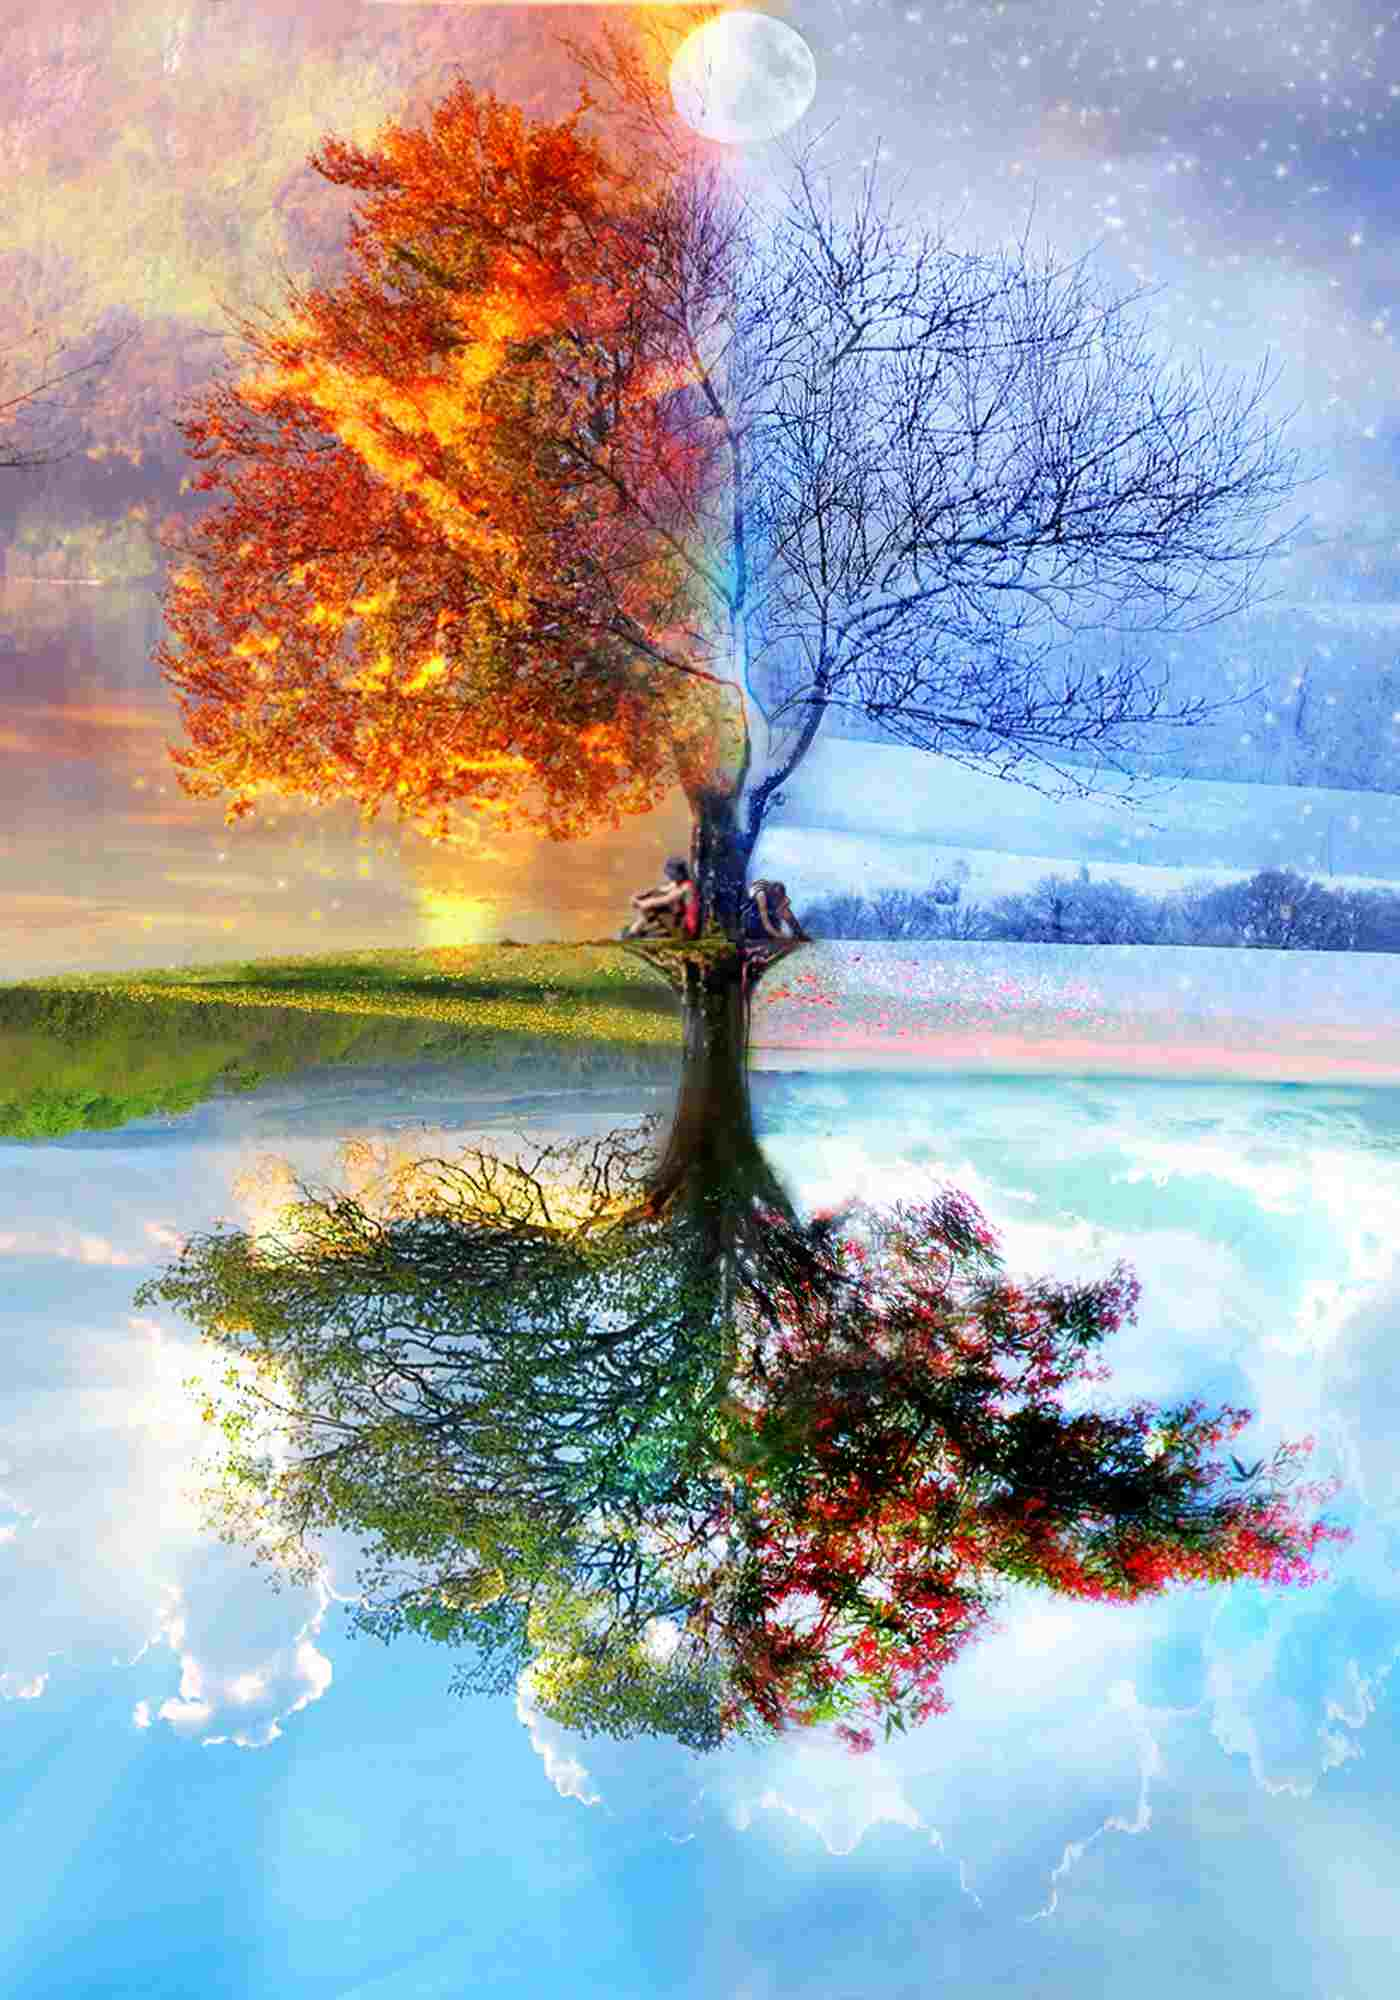 Immagine che simboleggia le stagioni (I nomi delle stagioni)